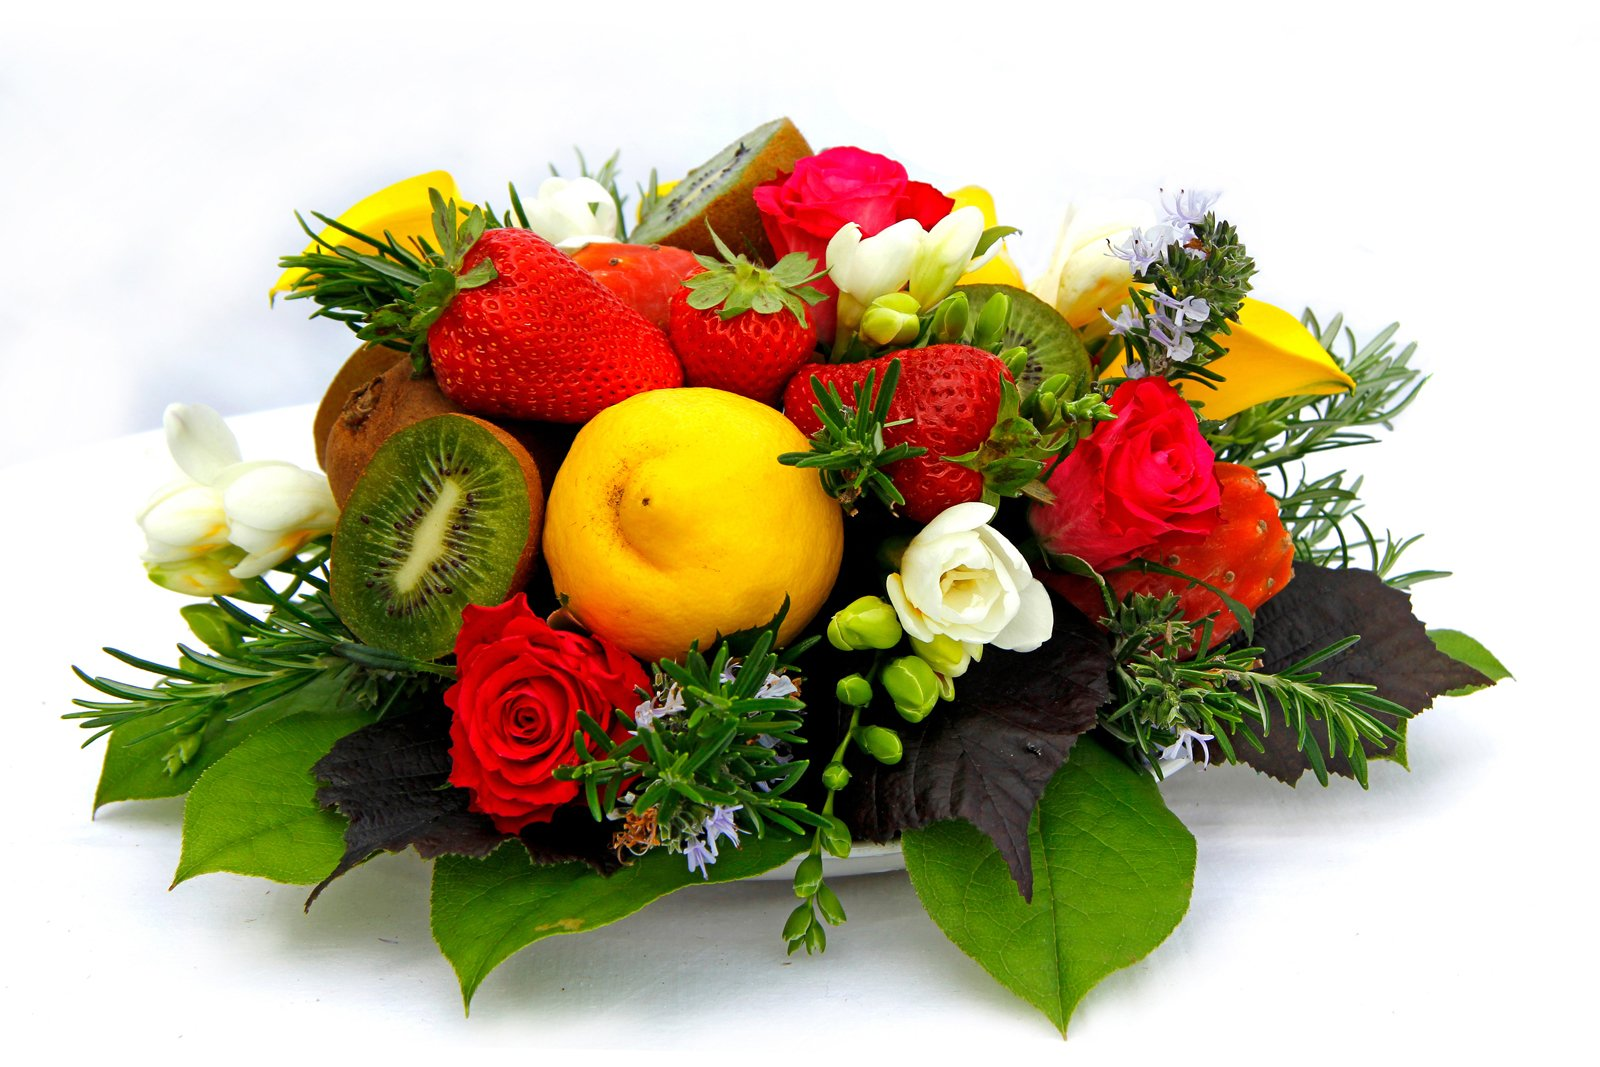 composizioni di frutta e fiori